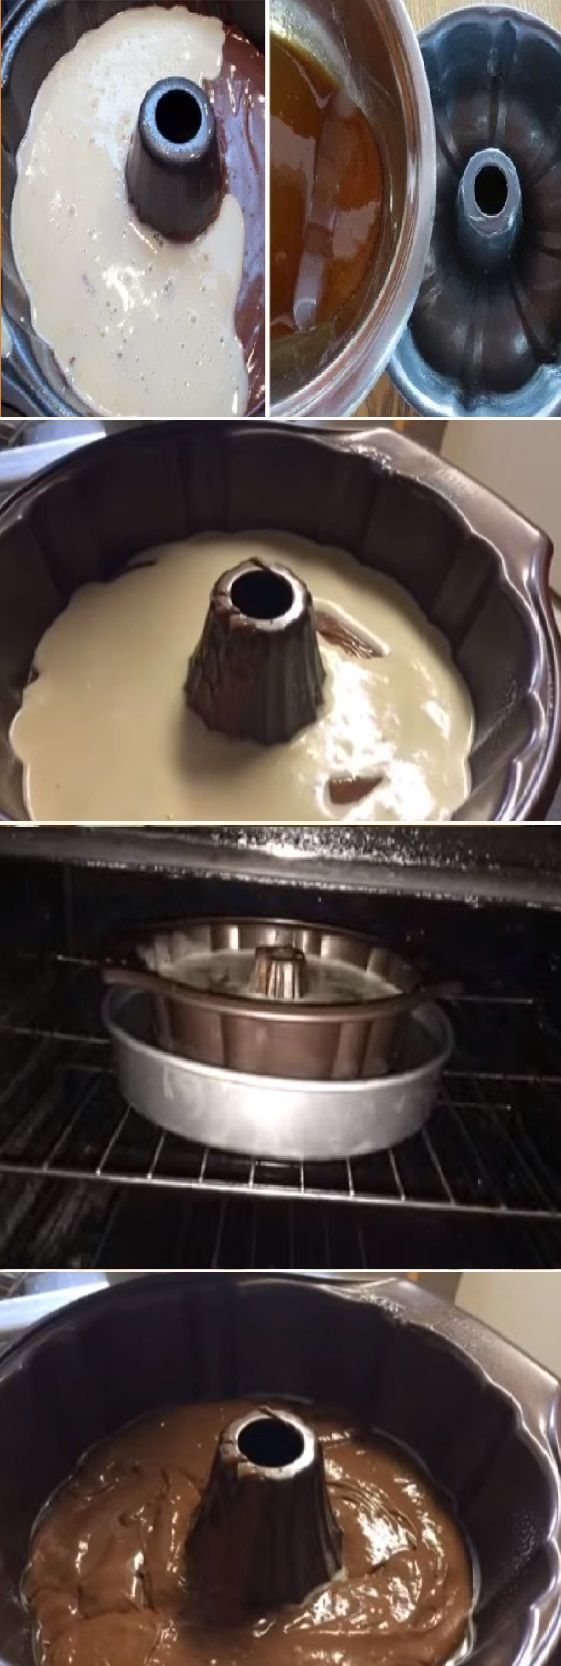 Como Hacer ChocoFlan o Pastel Imposible, Si te gusta dinos HOLA y dale a Me Gusta #chocolate #postres #receta #recipe #gelato #chocoflan #cocina #nestlecocina #pastel   Caramel suace que ya también tengo el video!!! No olviden precalentar el horno a 350*F. Tiempo de cocción 1:40 minu...